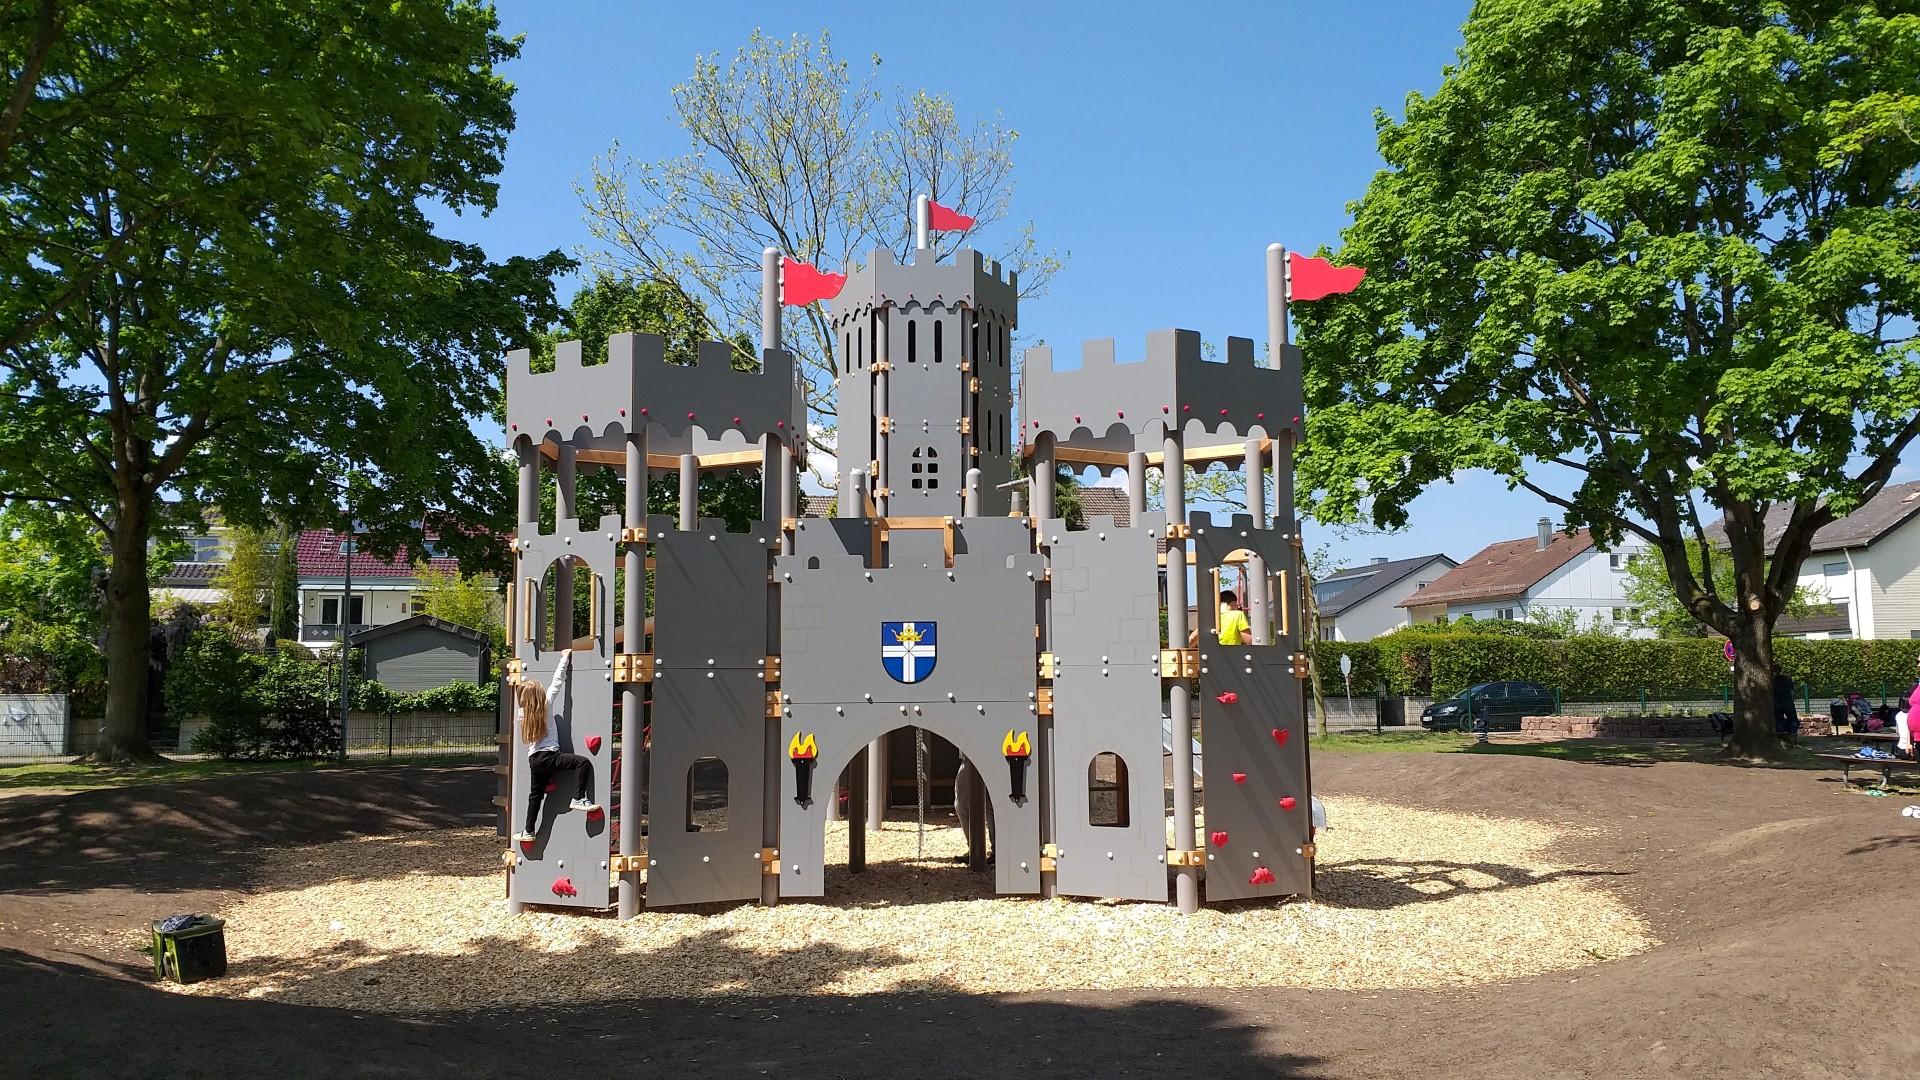 Spielkombination Burg